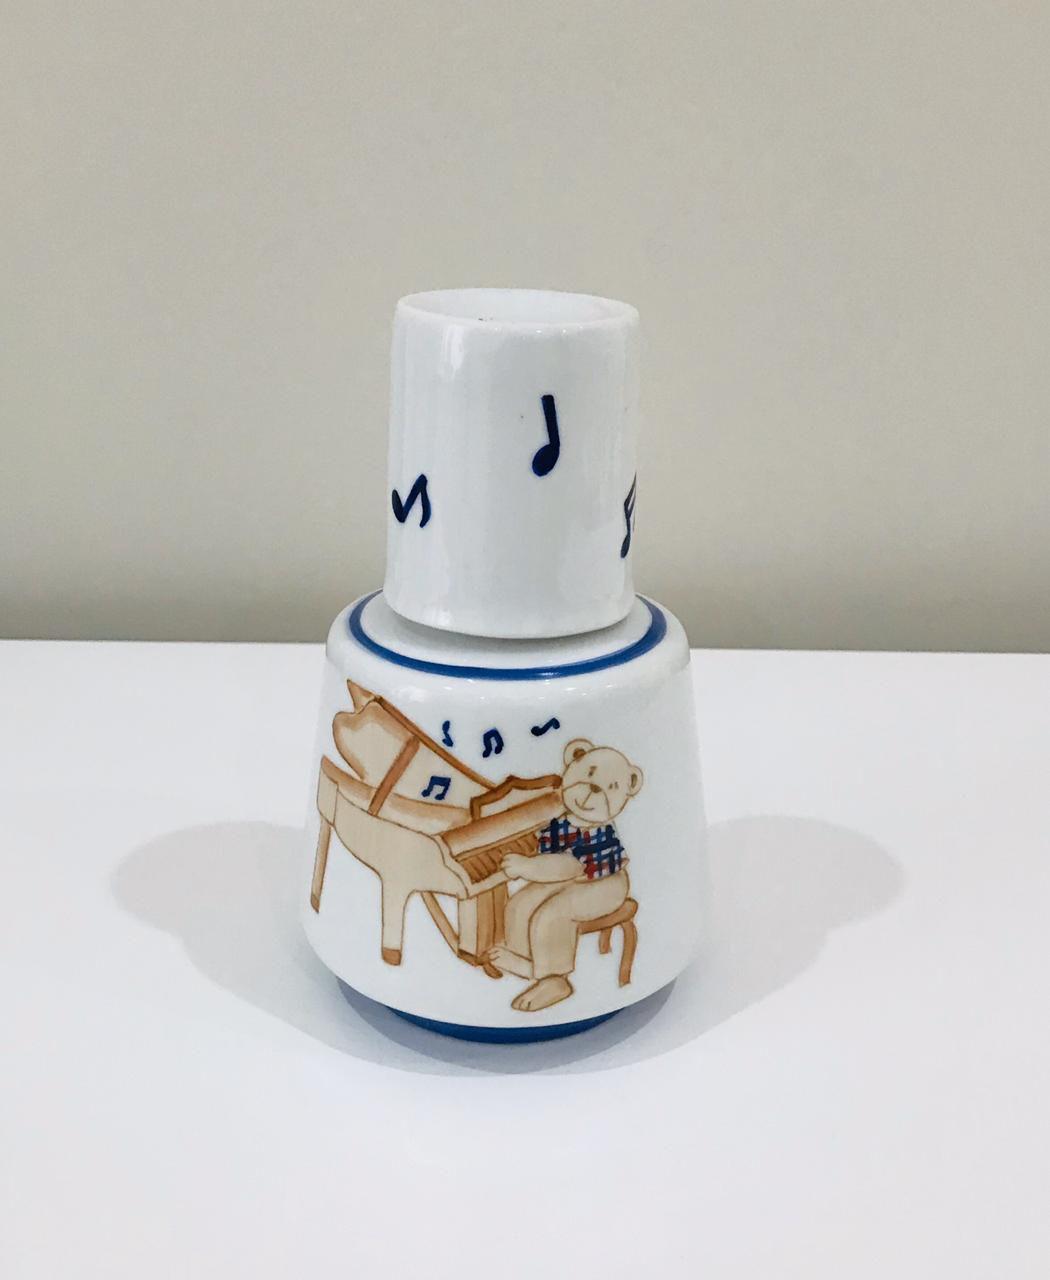 Kit de Higiene Urso Musical Bege com Azul - 4 Peças